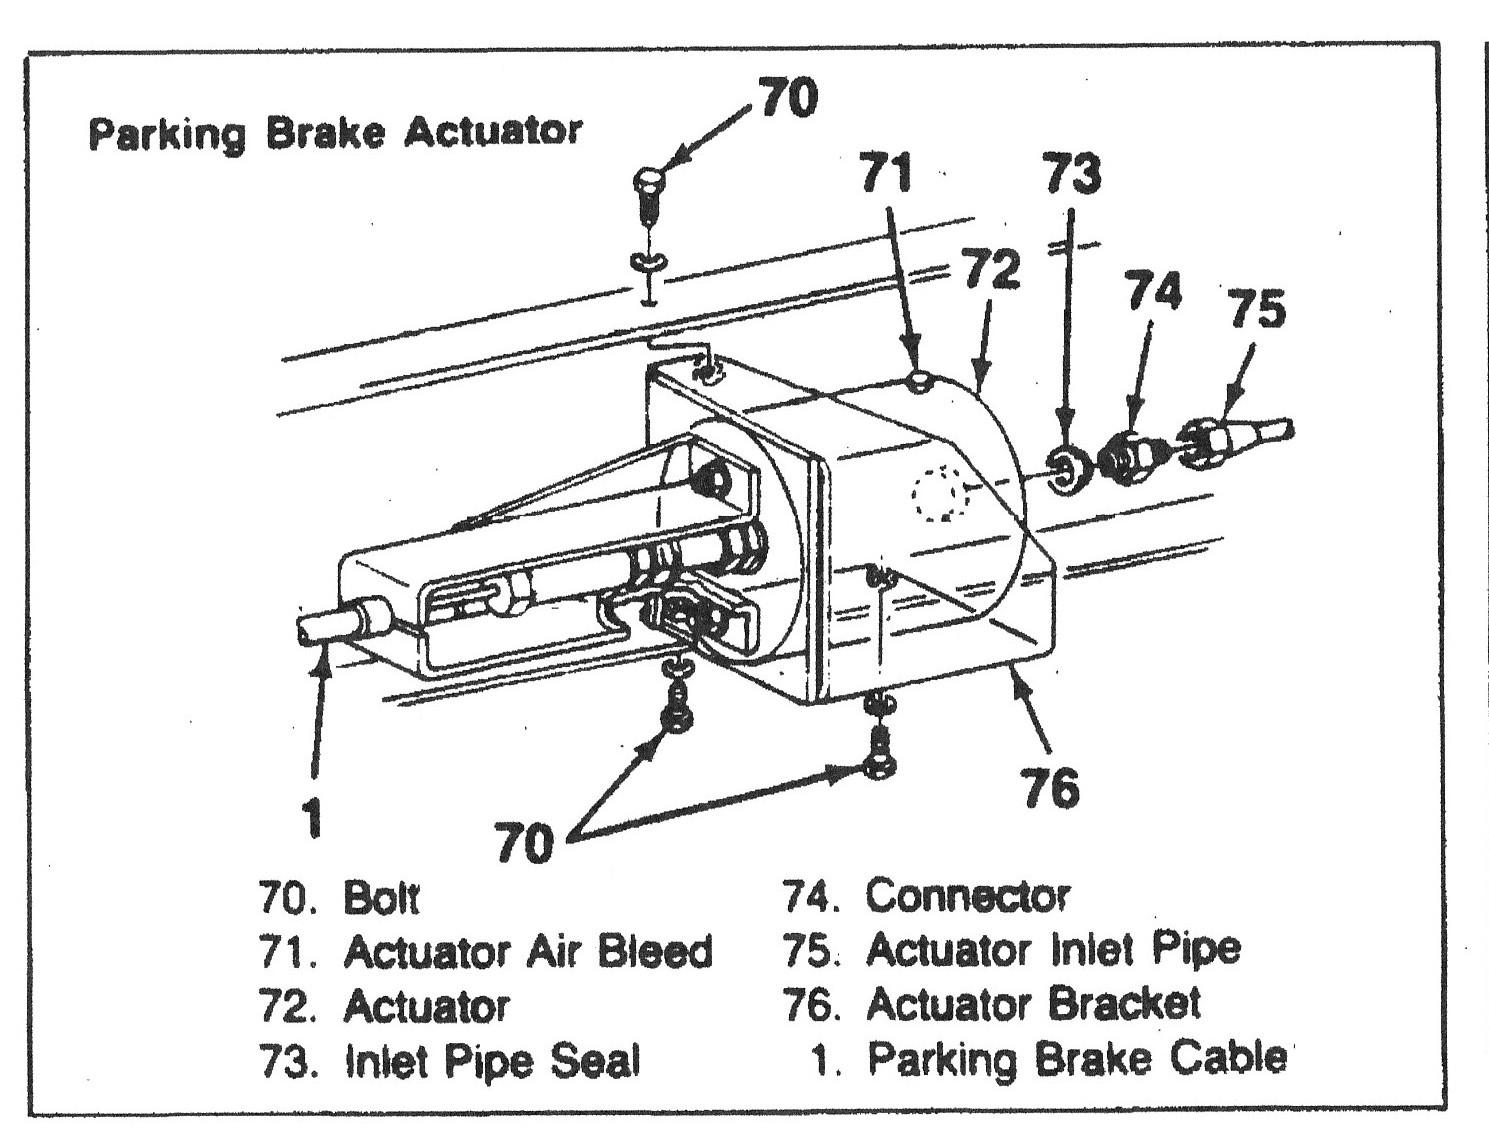 1991 chevy astro wiring diagram 2001 astro wiring diagram elsavadorla